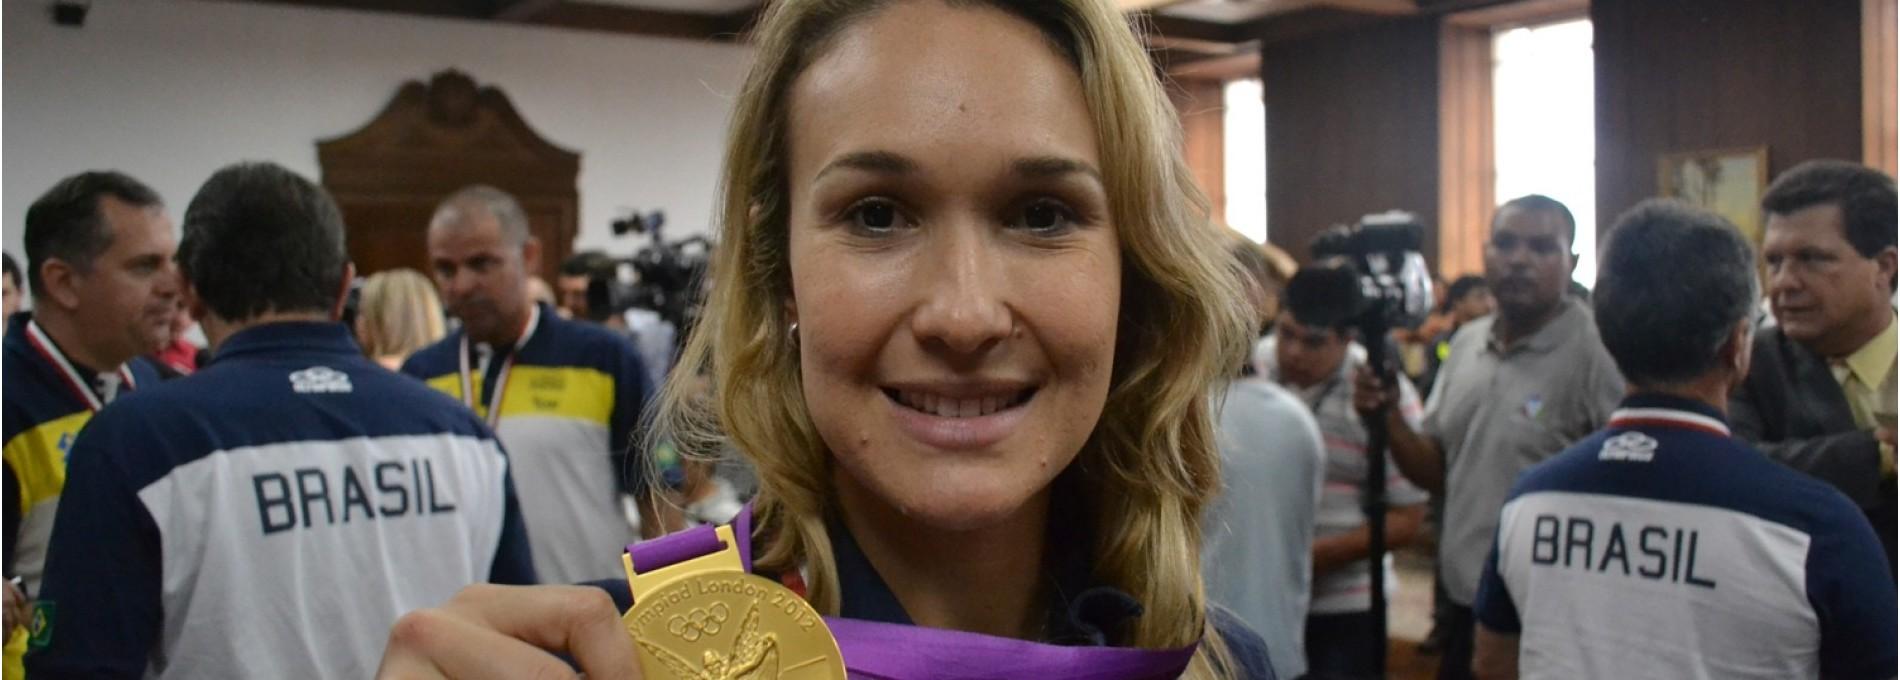 Fernandinha: medalha de ouro no vôlei e na causa animal